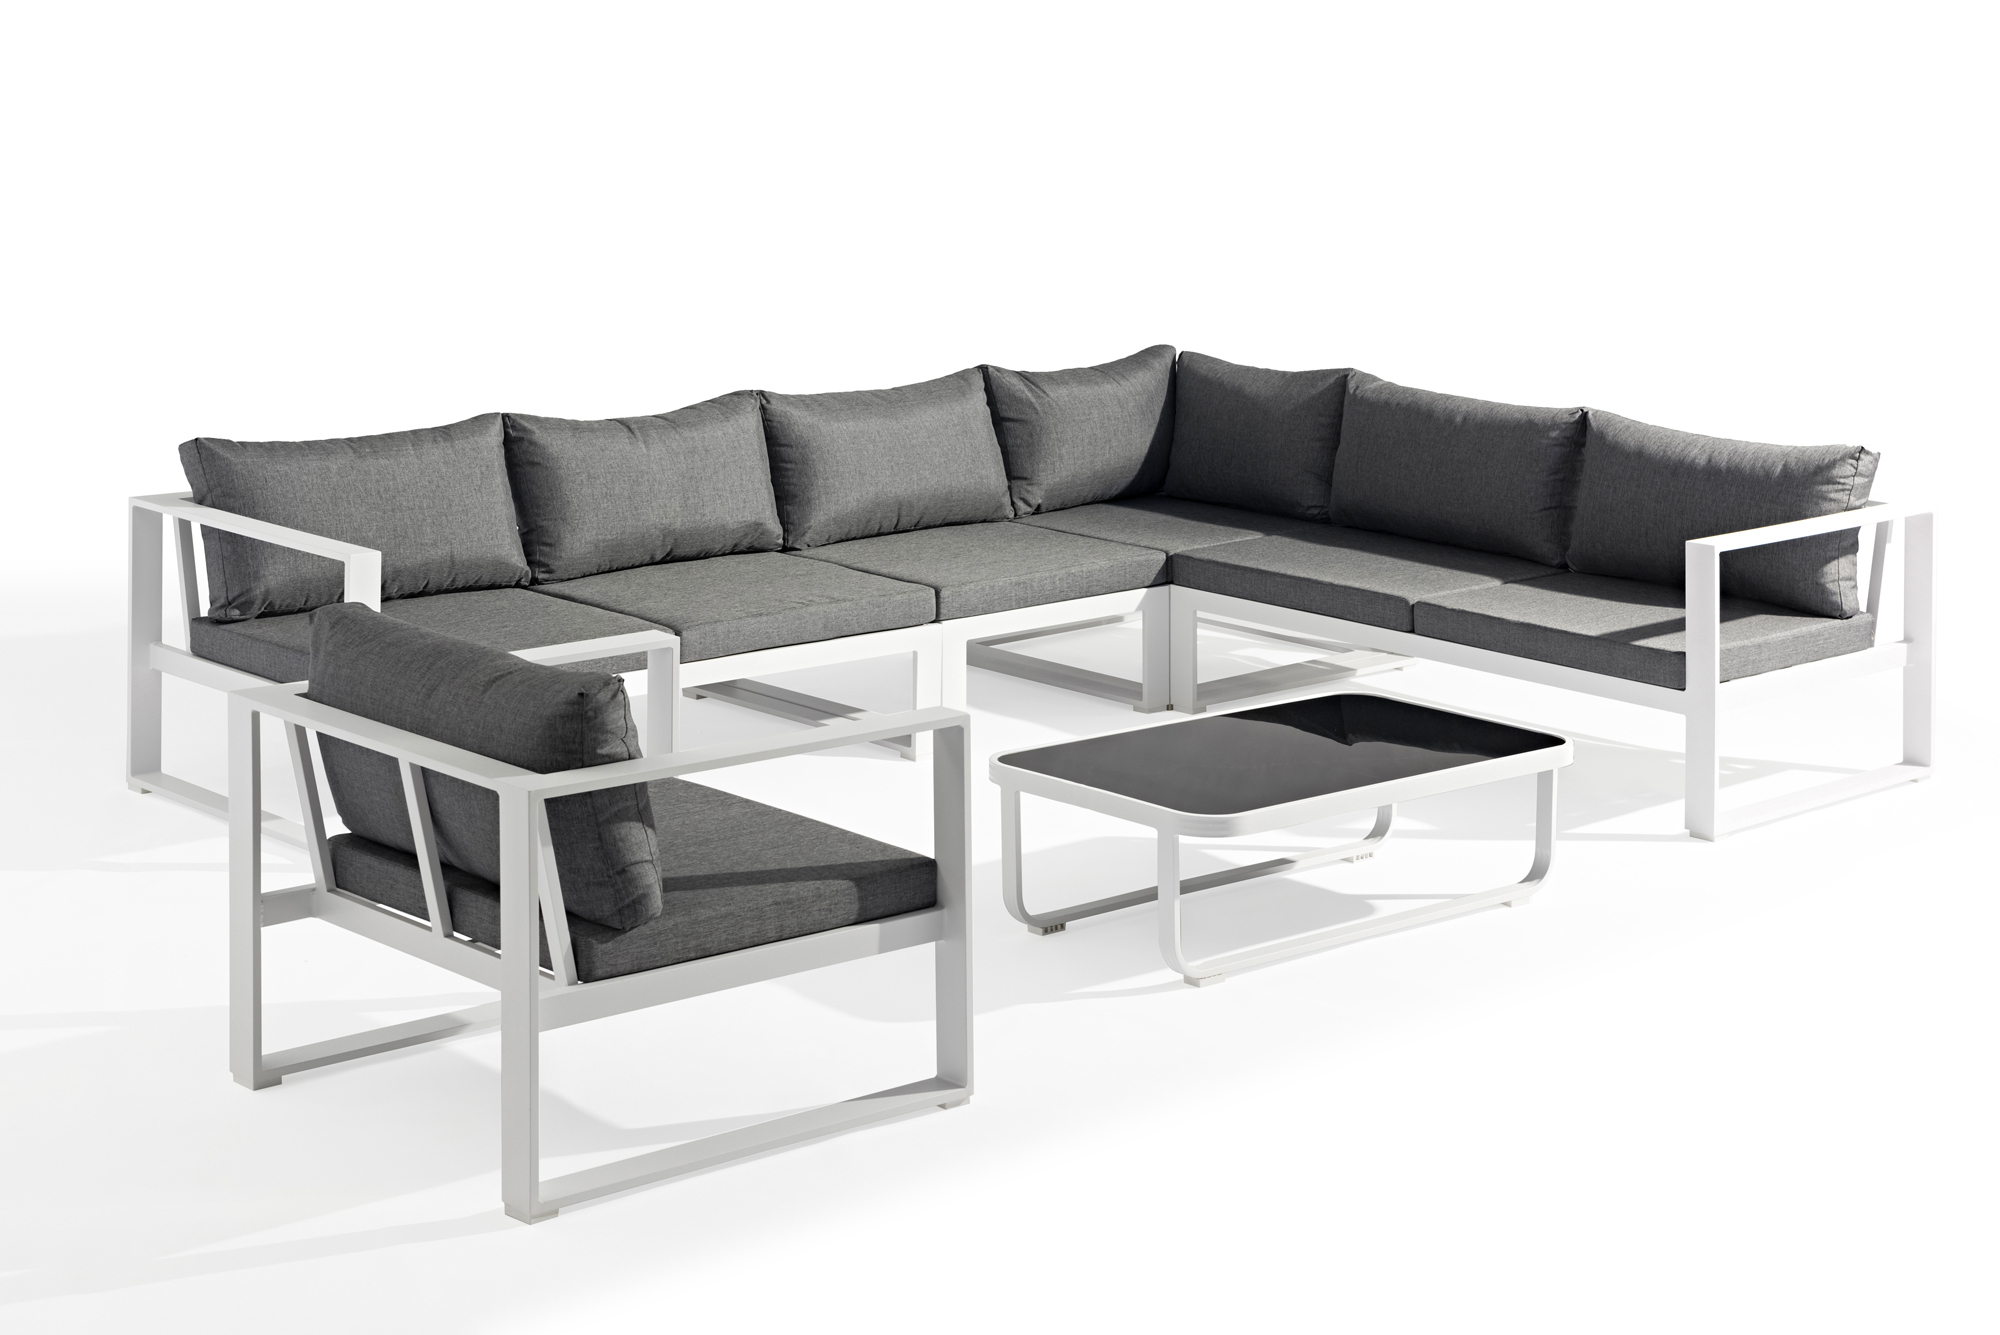 Salon De Jardin Miami 6 Pièces En Aluminium Blanc Gris Et Coussins Tissu  Gris avec Salon De Jardin Aluminium Blanc